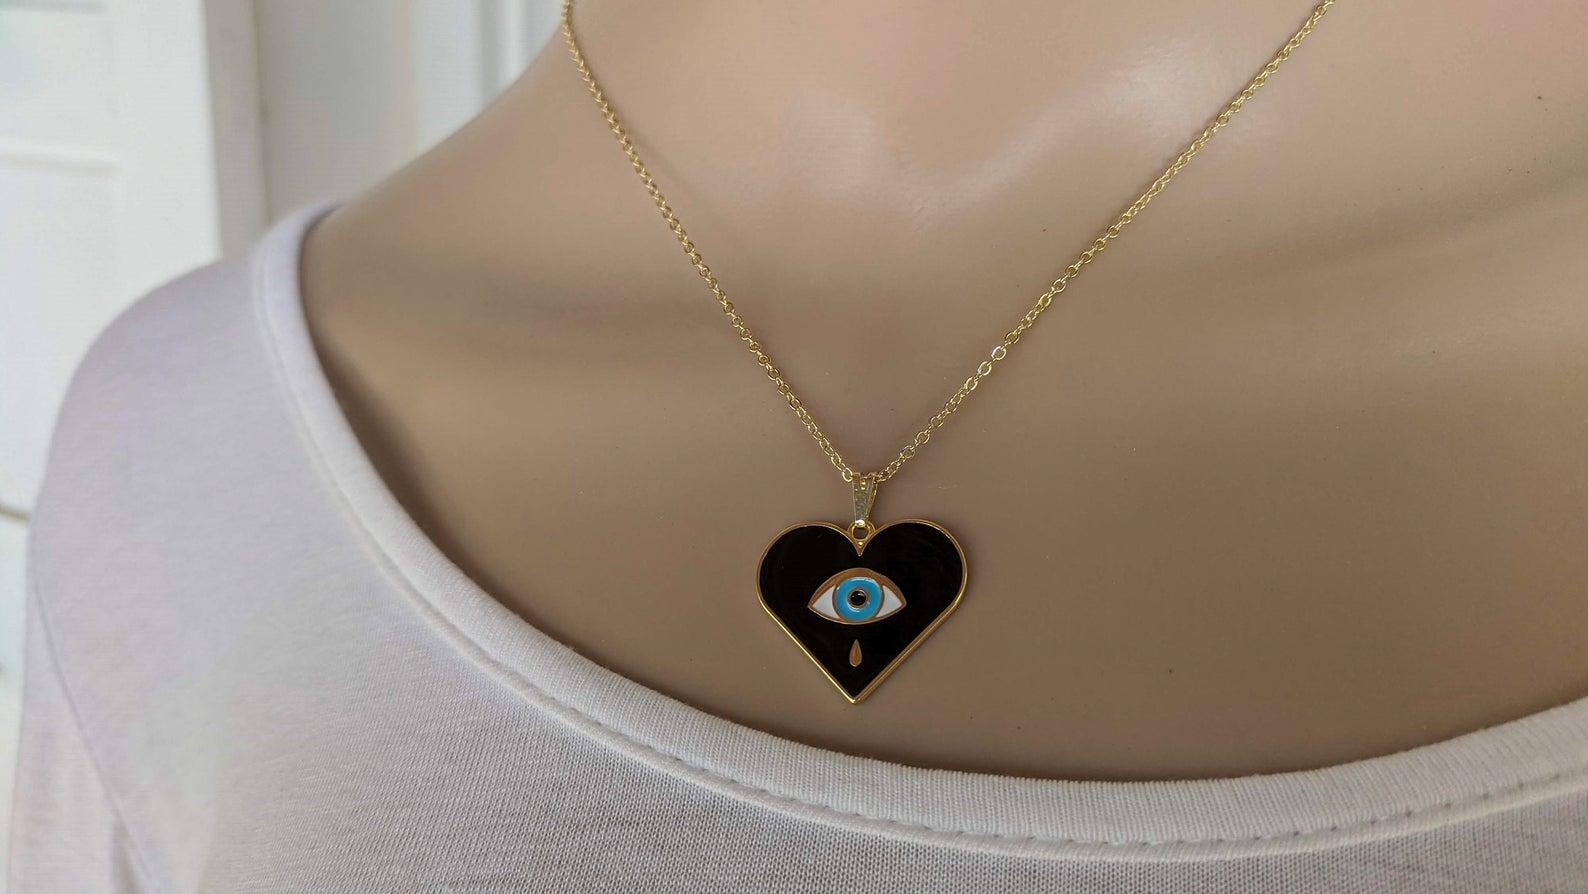 Gold filled evil eye necklace